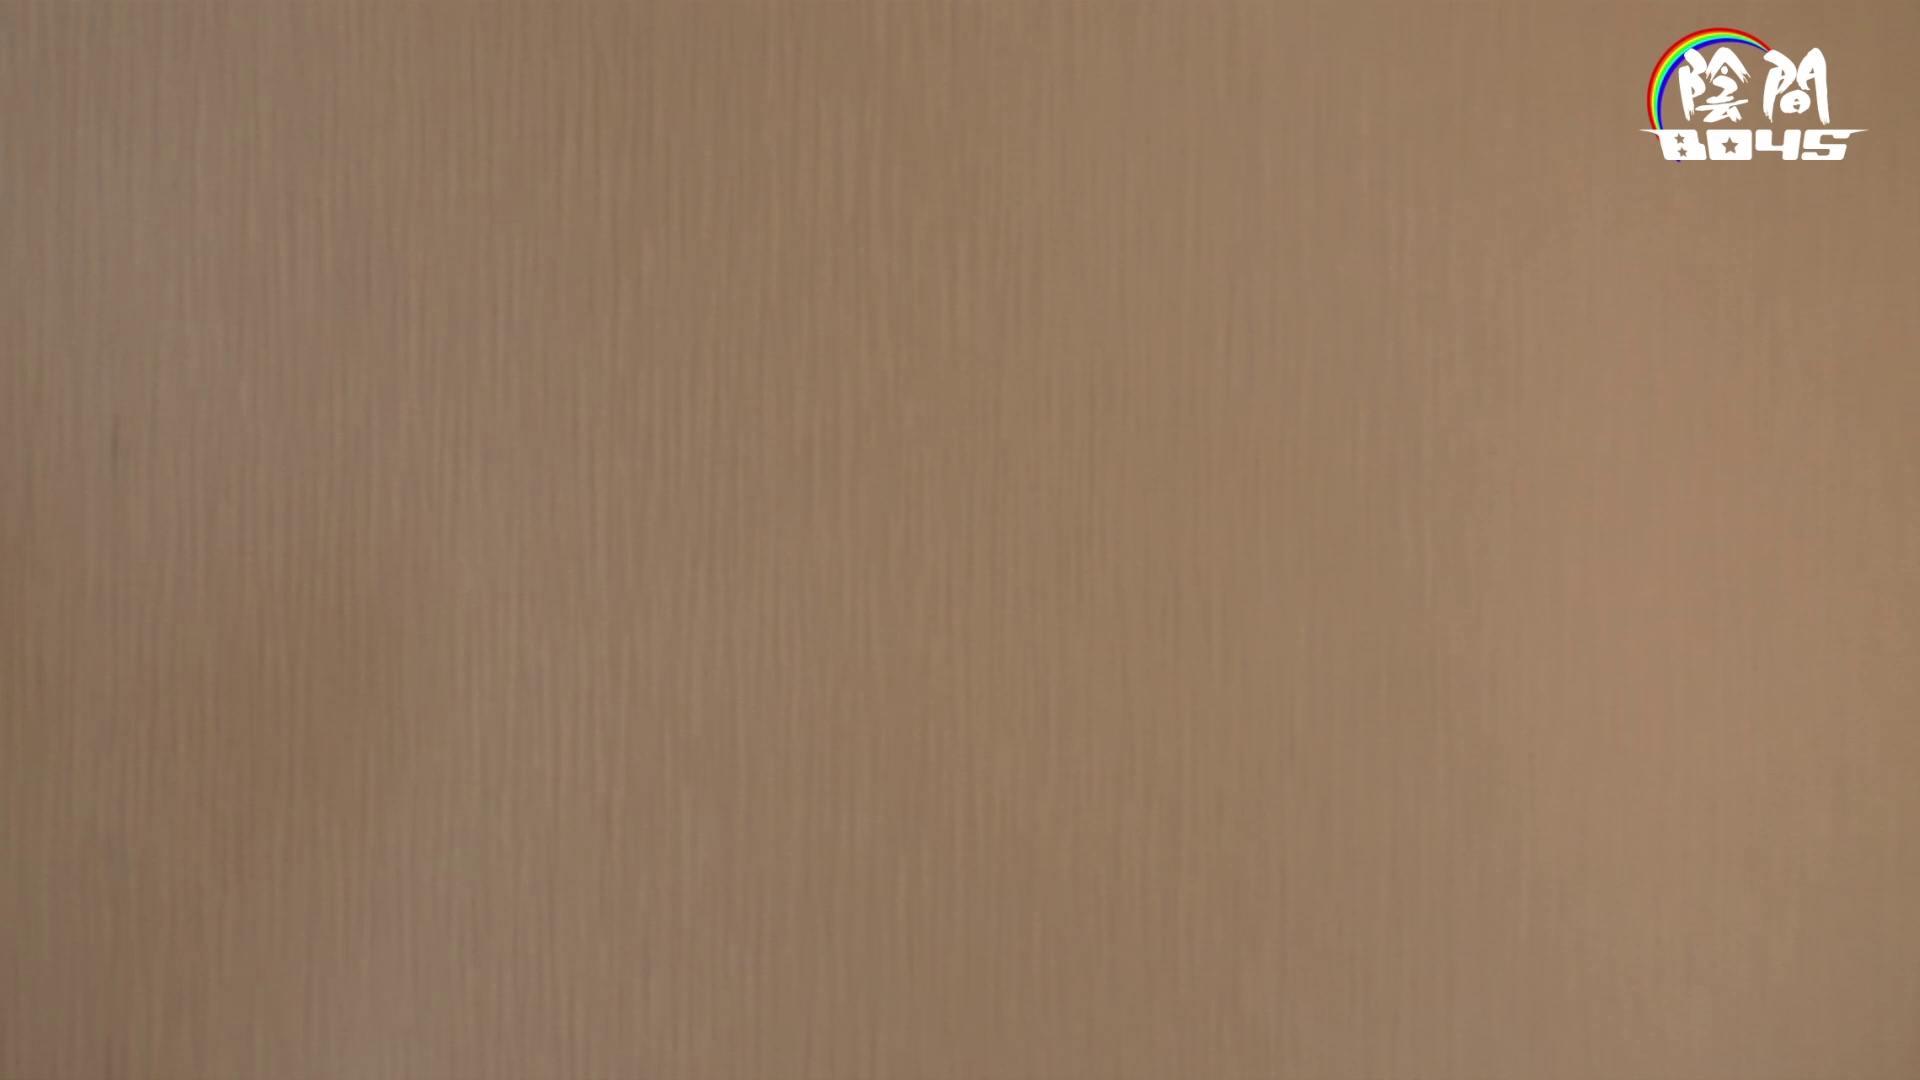 アナルで営業ワン・ツー・ スリーpart2 Vol.1 フェラ天国 ゲイ素人エロ画像 101pic 26